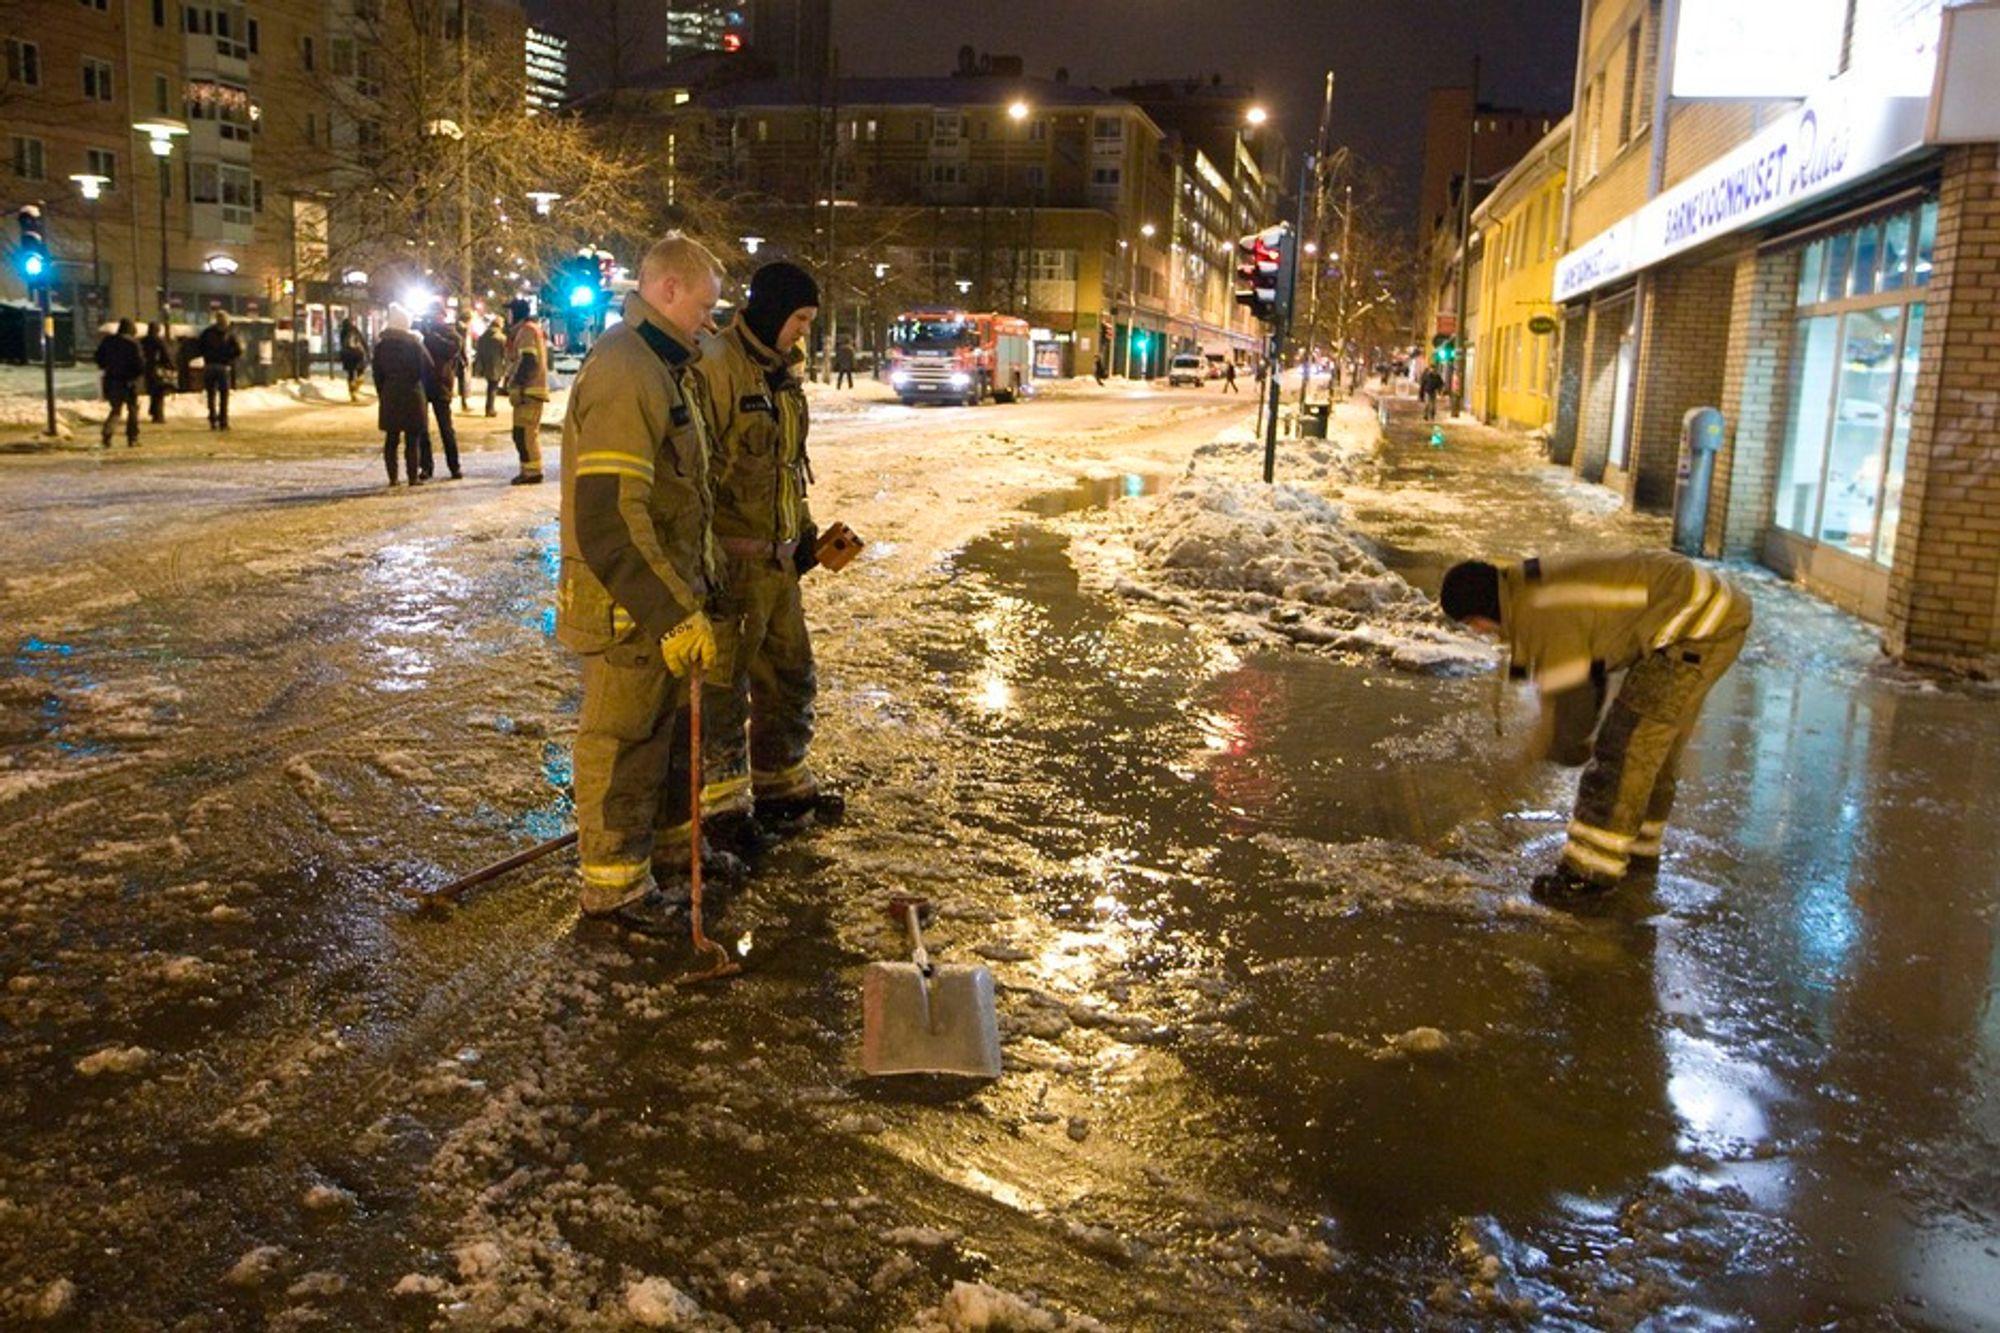 BRUDD: Vannet flommet ut over området ved Tøyenbekken og deler av Grønlandsleiret i Oslo en morgen i januar. Gatene ble ufremkommelige for både biler og busser, men etterhvert fikk man åpnet kumlokkene som var nediset, og oppryddingen kunne begynne.